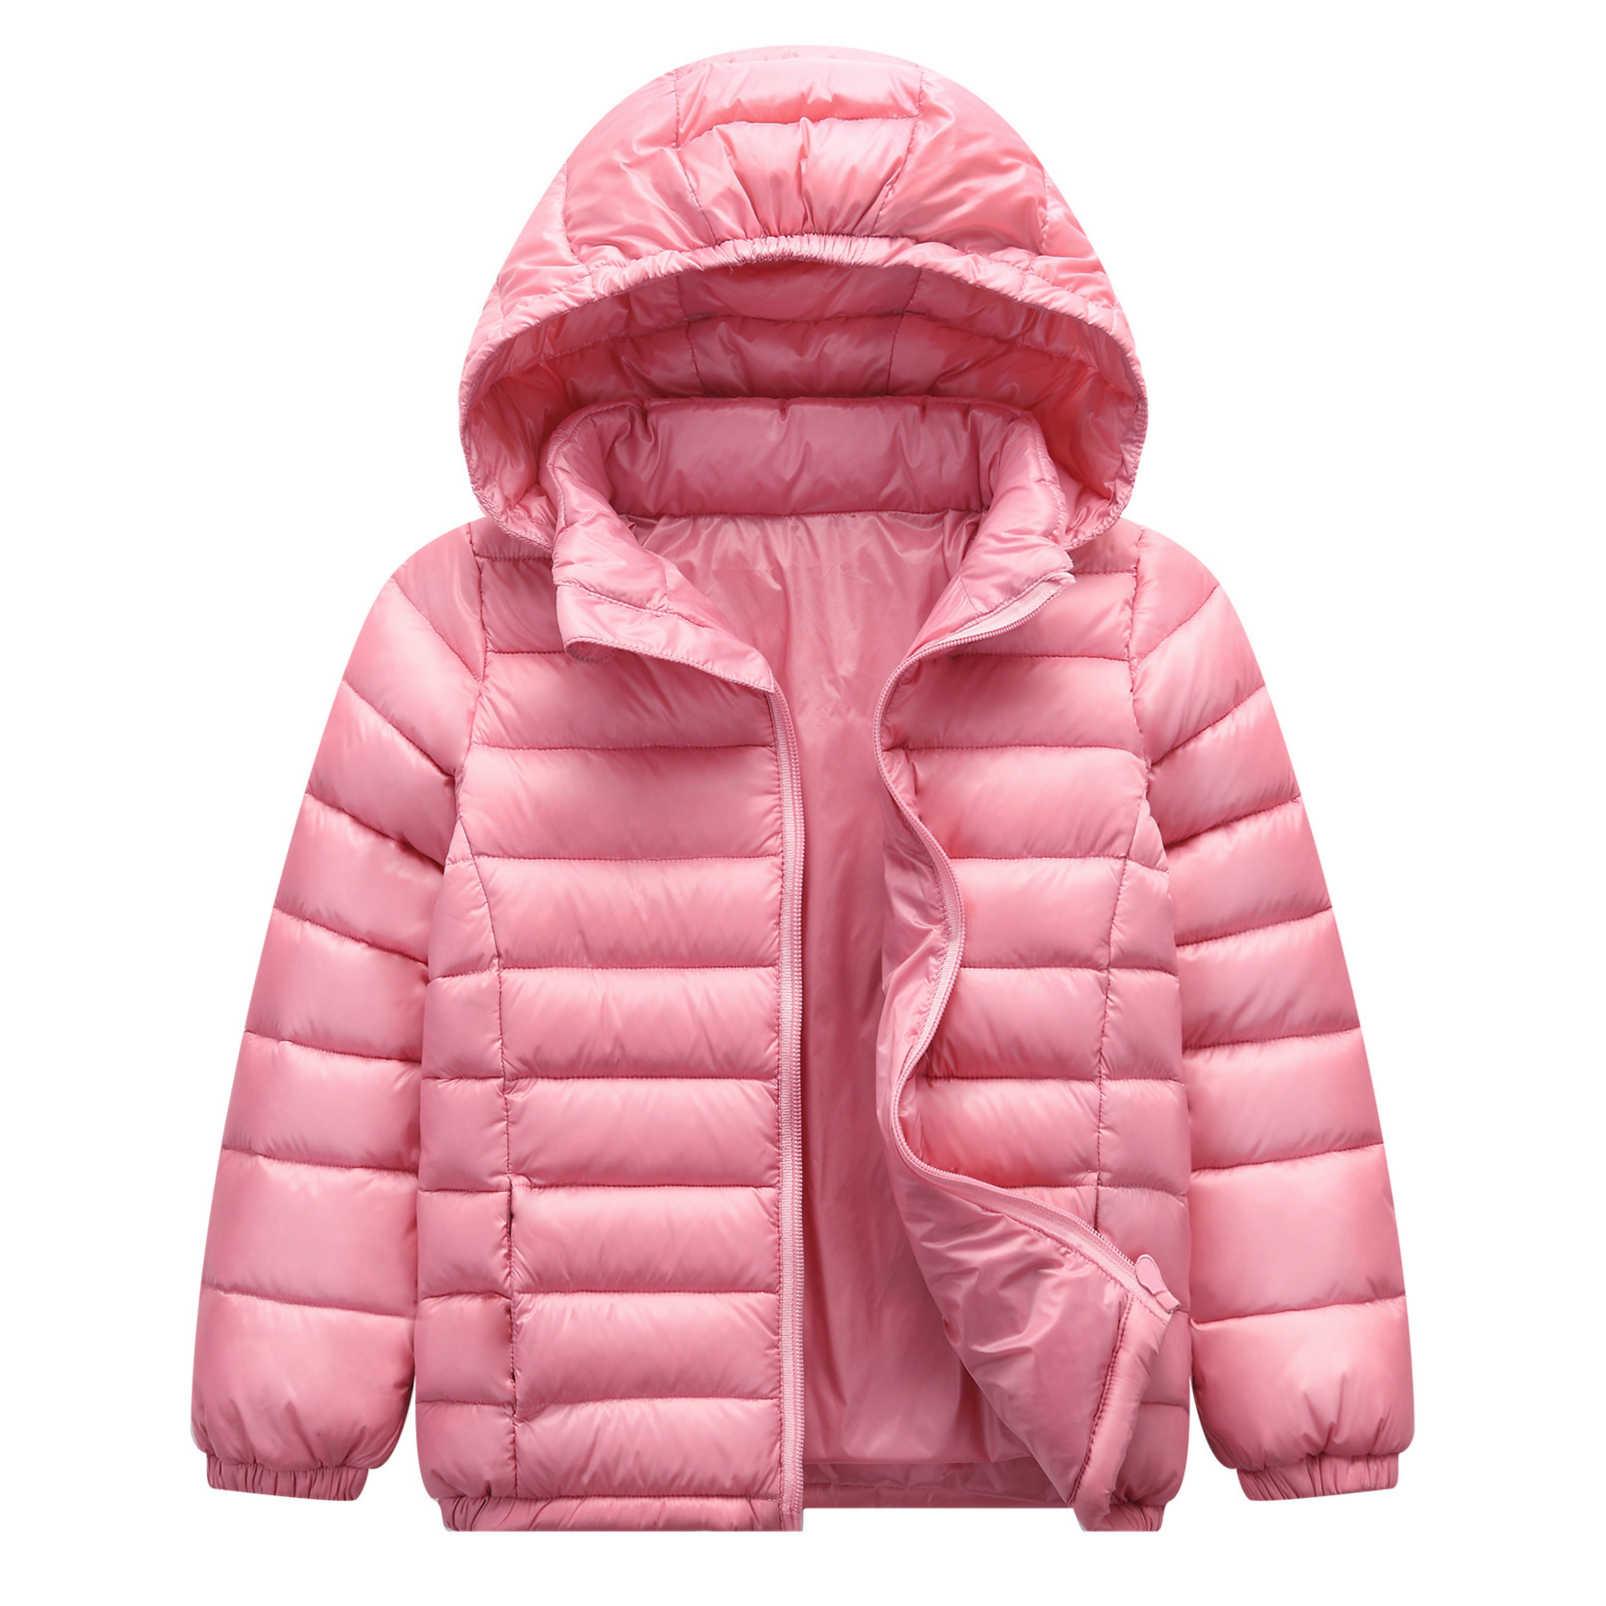 Baby Girls Boys Winter Lightweight Down Coat Hoodies Kids Puffer Warm Coat Outwear Windproof Jacket